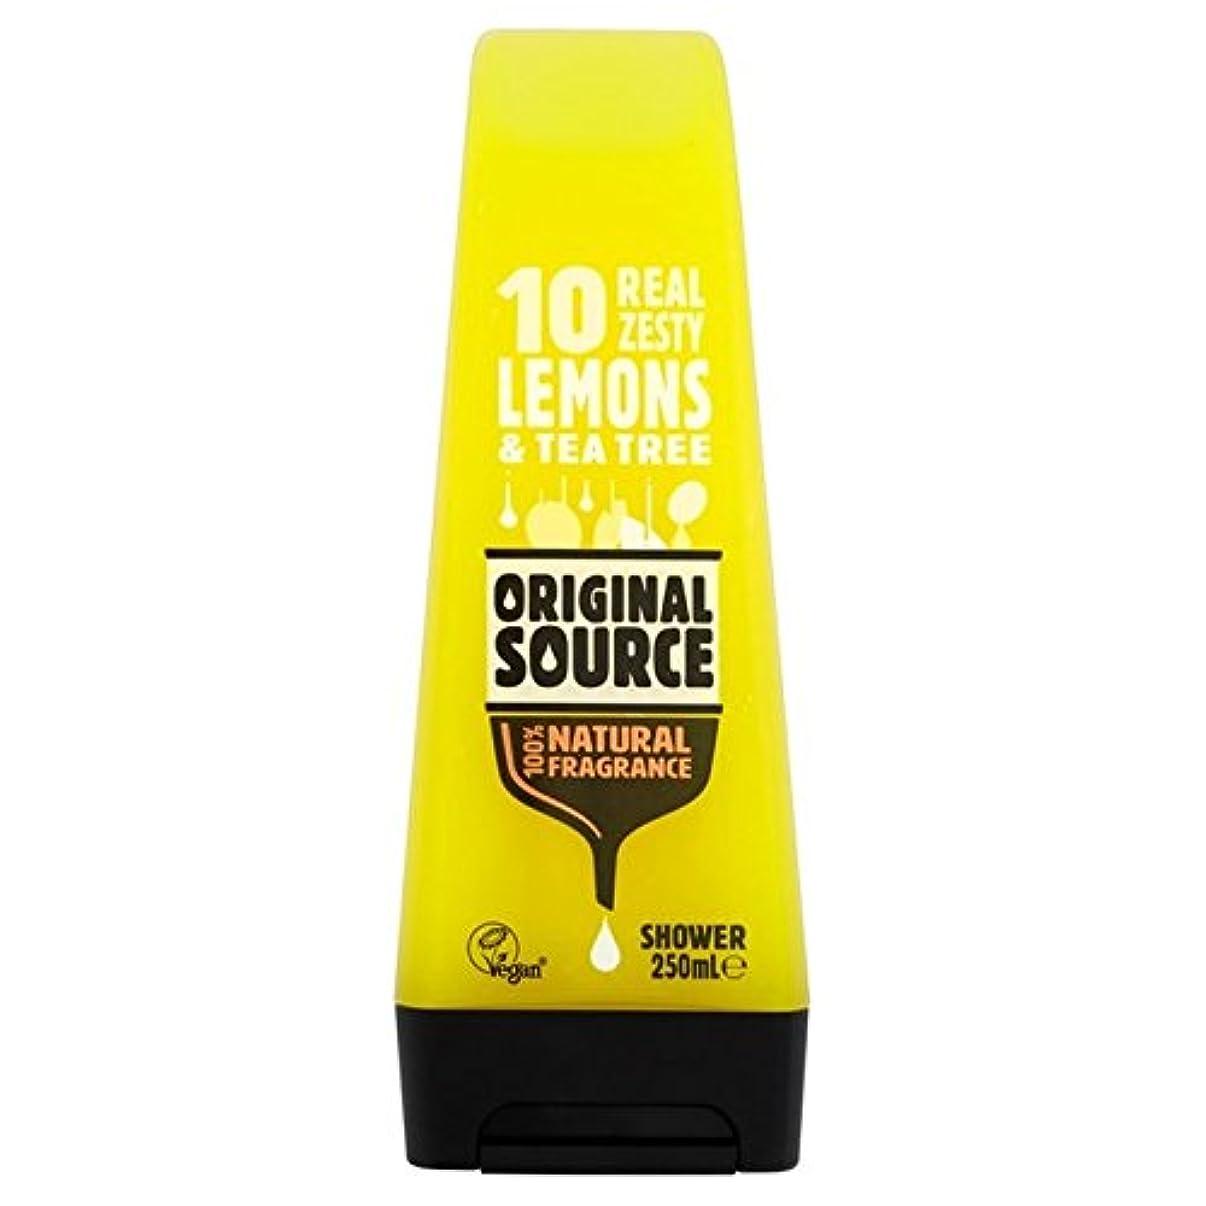 権利を与えるレンダリング慣性元のソースのレモンシャワージェル250ミリリットル x2 - Original Source Lemon Shower Gel 250ml (Pack of 2) [並行輸入品]